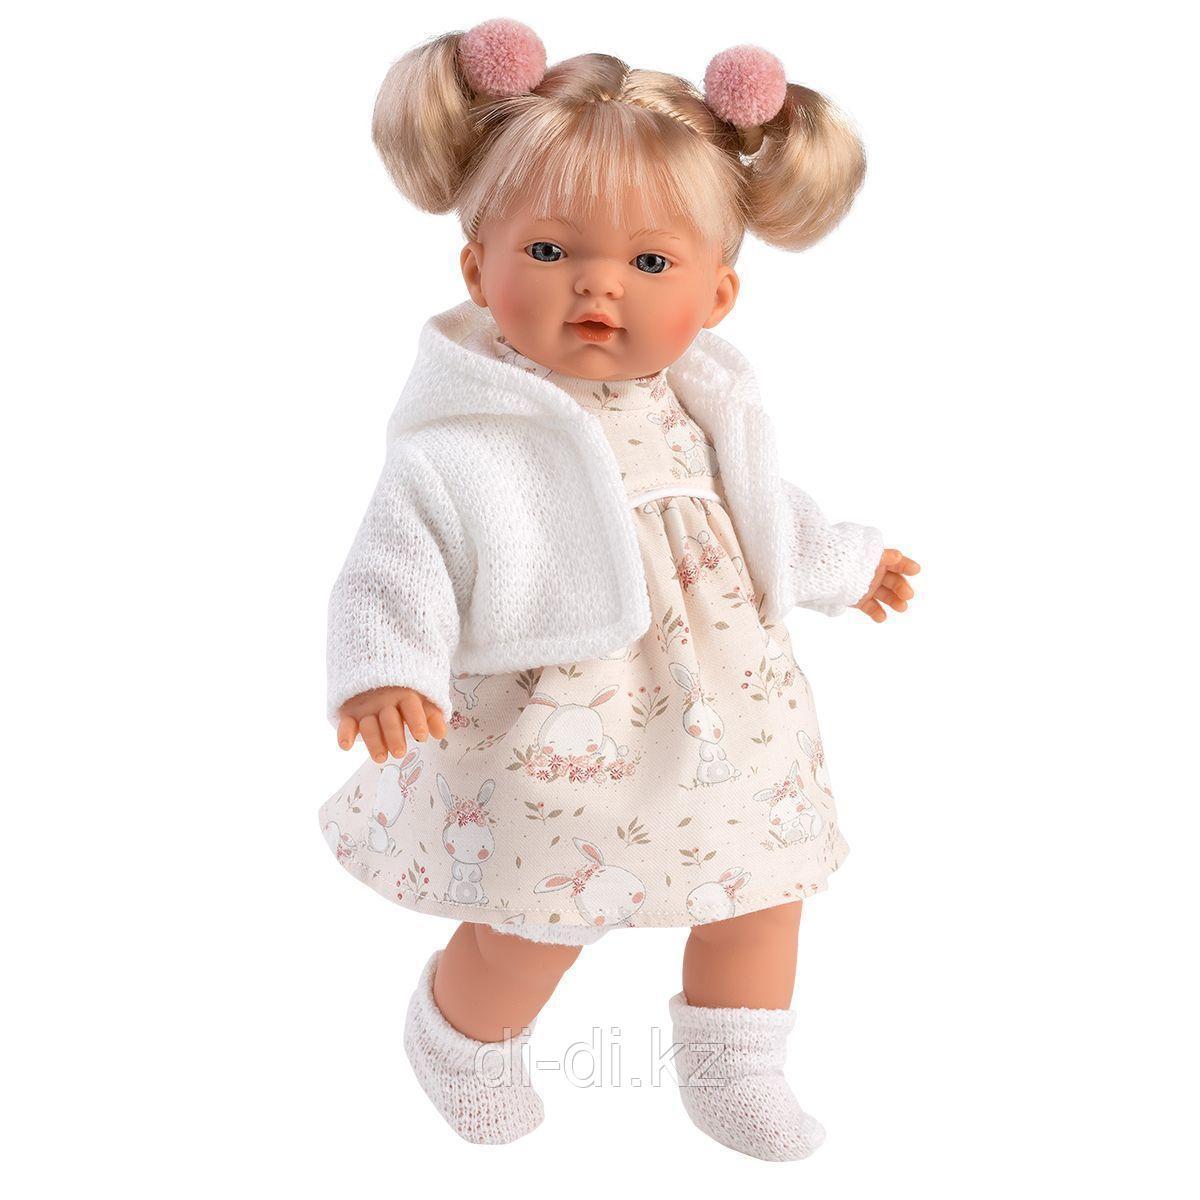 LLORENS Кукла Роберта 33 см, блондинка в белом жакете